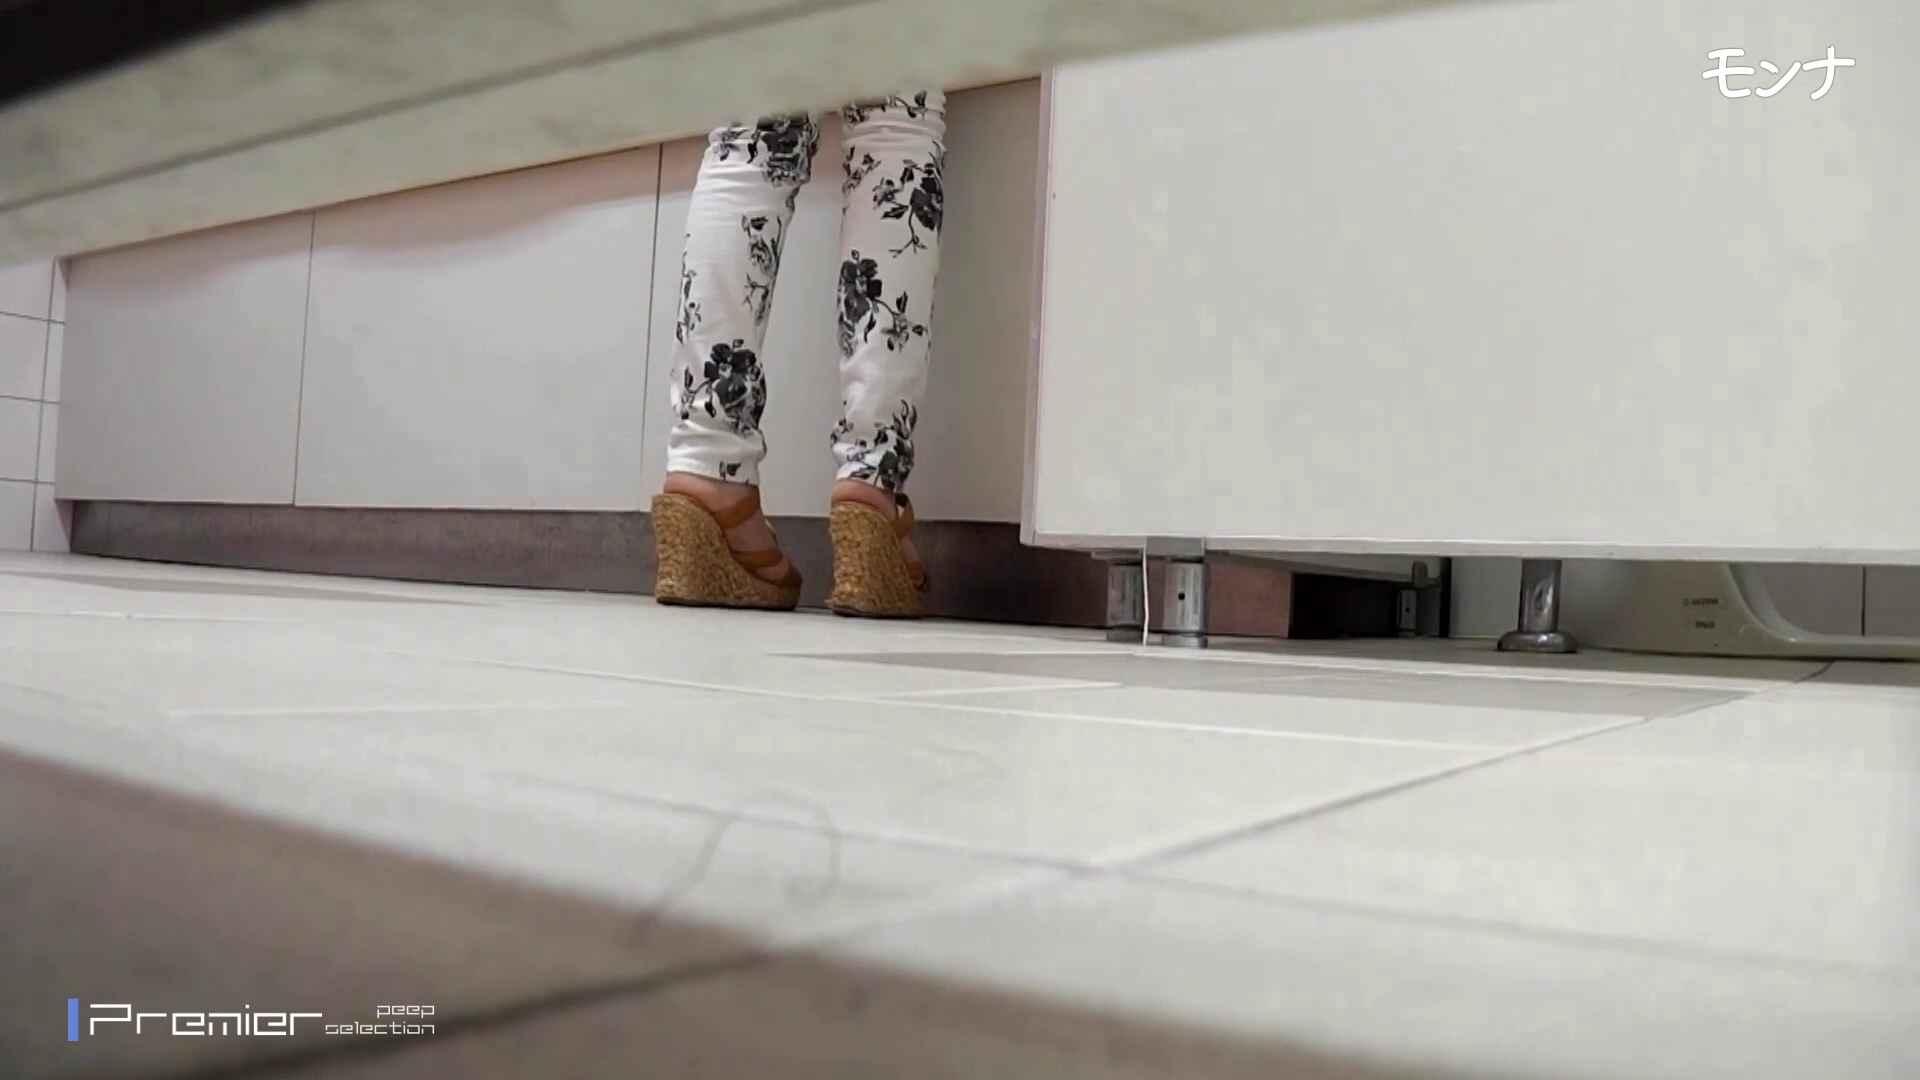 美しい日本の未来 No.69 ひやっと!終始15cmのしらすを垂らしながら・・・ おまんこ無修正 オマンコ無修正動画無料 72pic 3